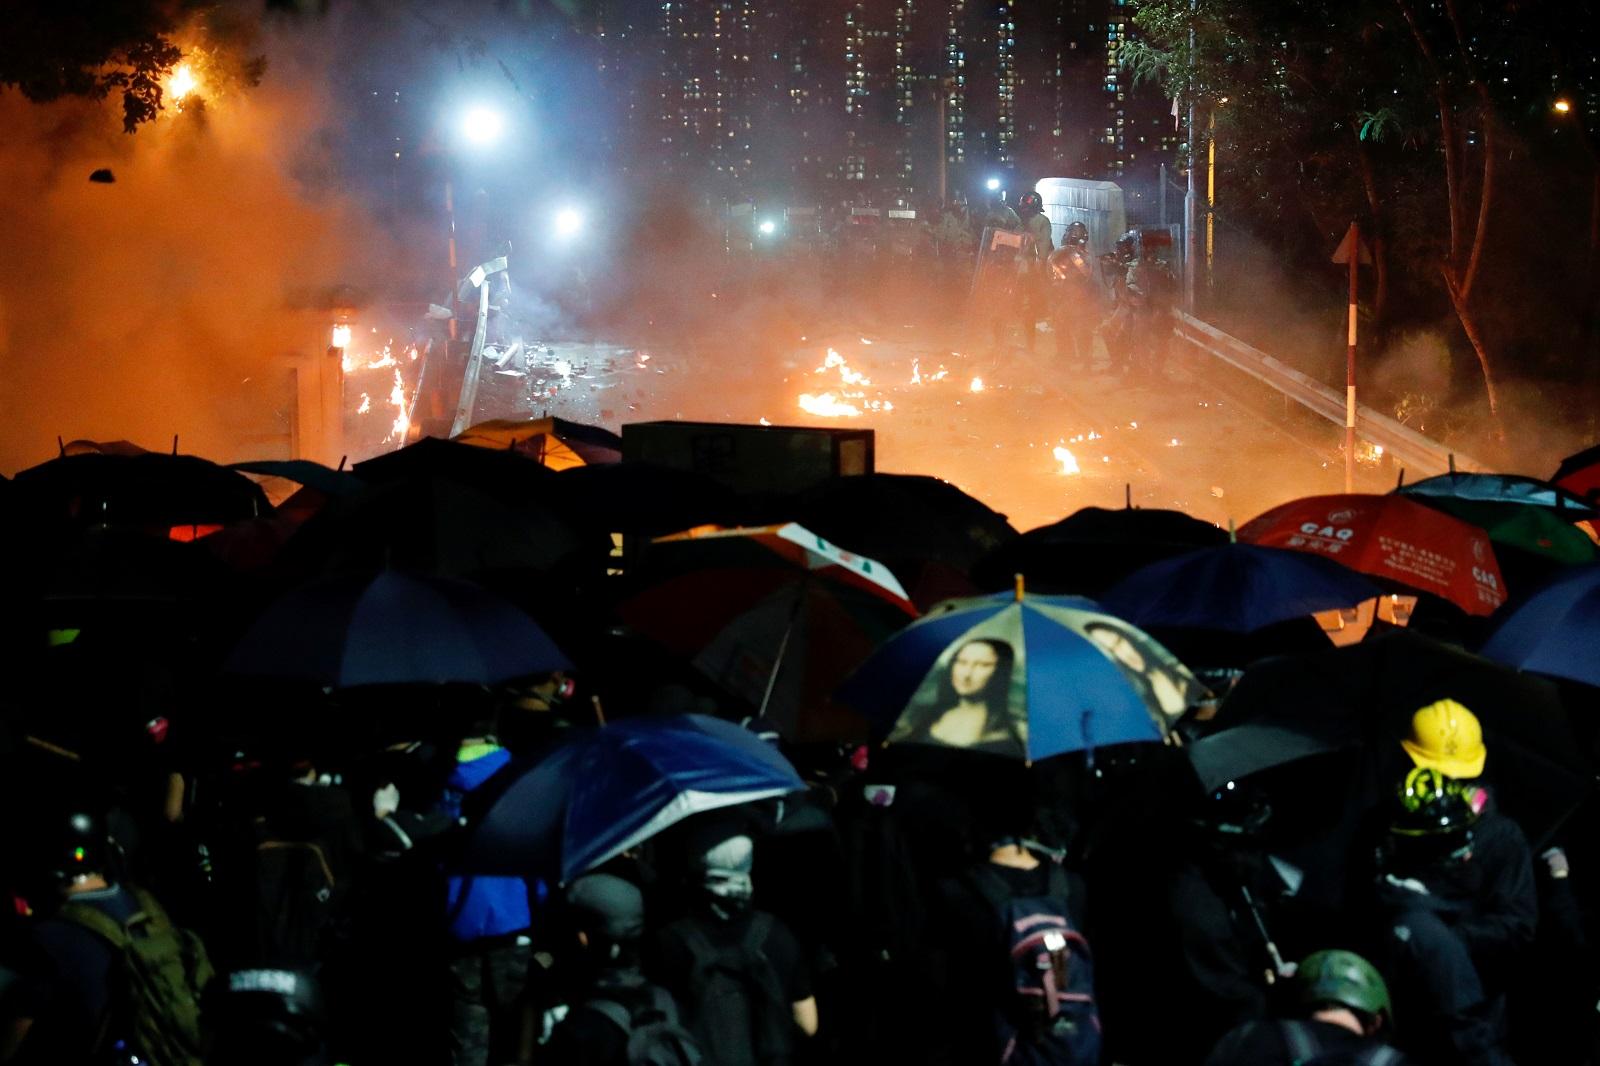 香港水警傳協助撤離在中大就讀中國學生 全港學校明停課